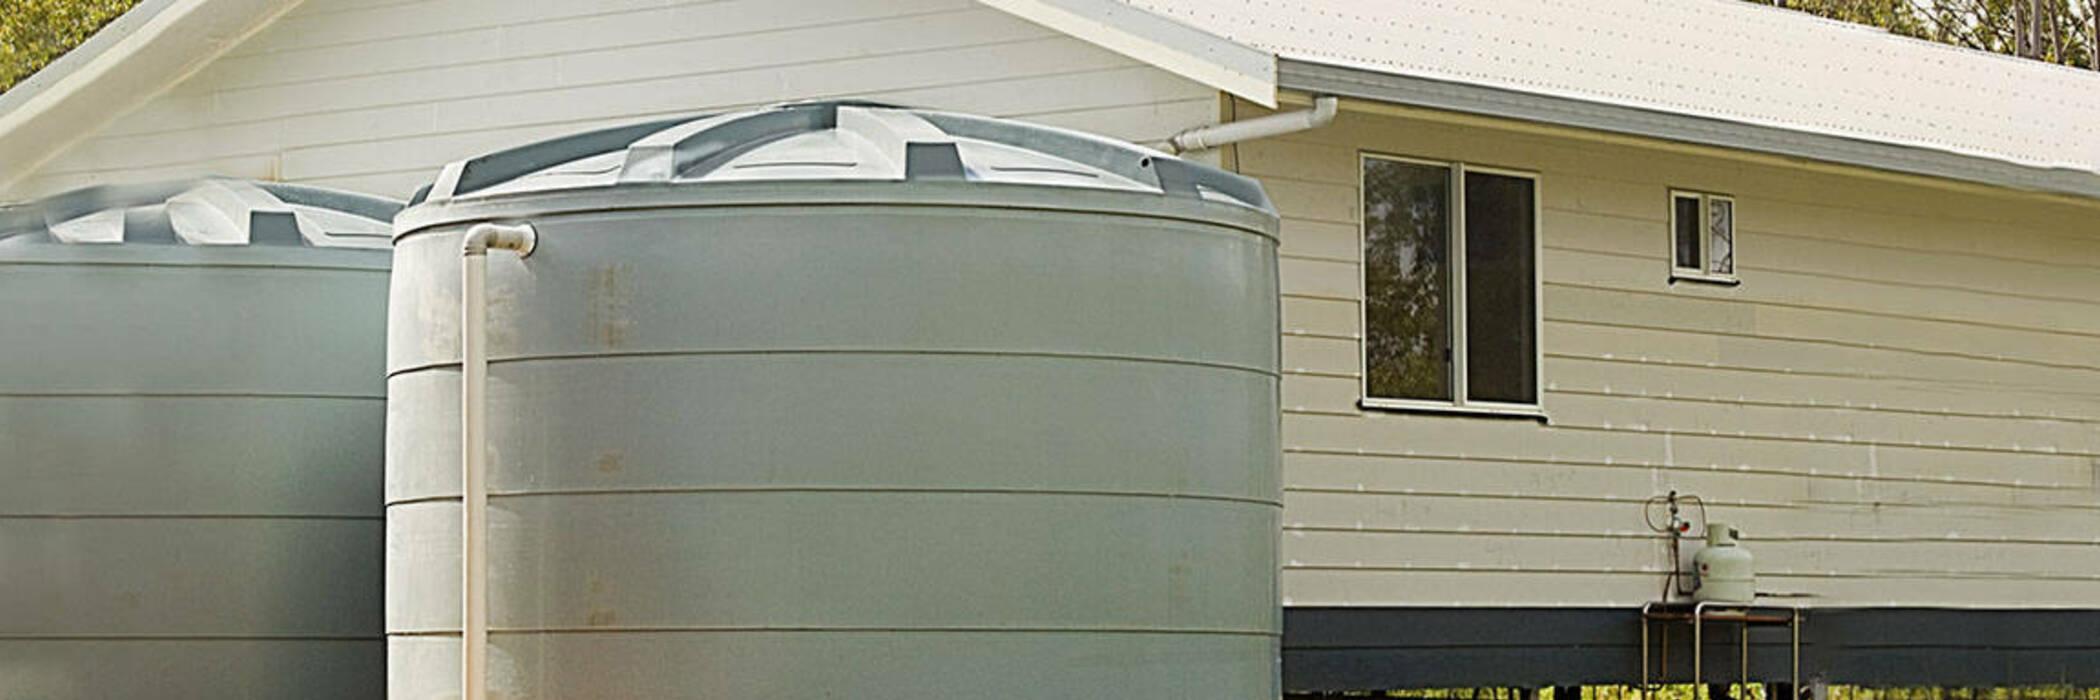 19may emergency water tanks hero